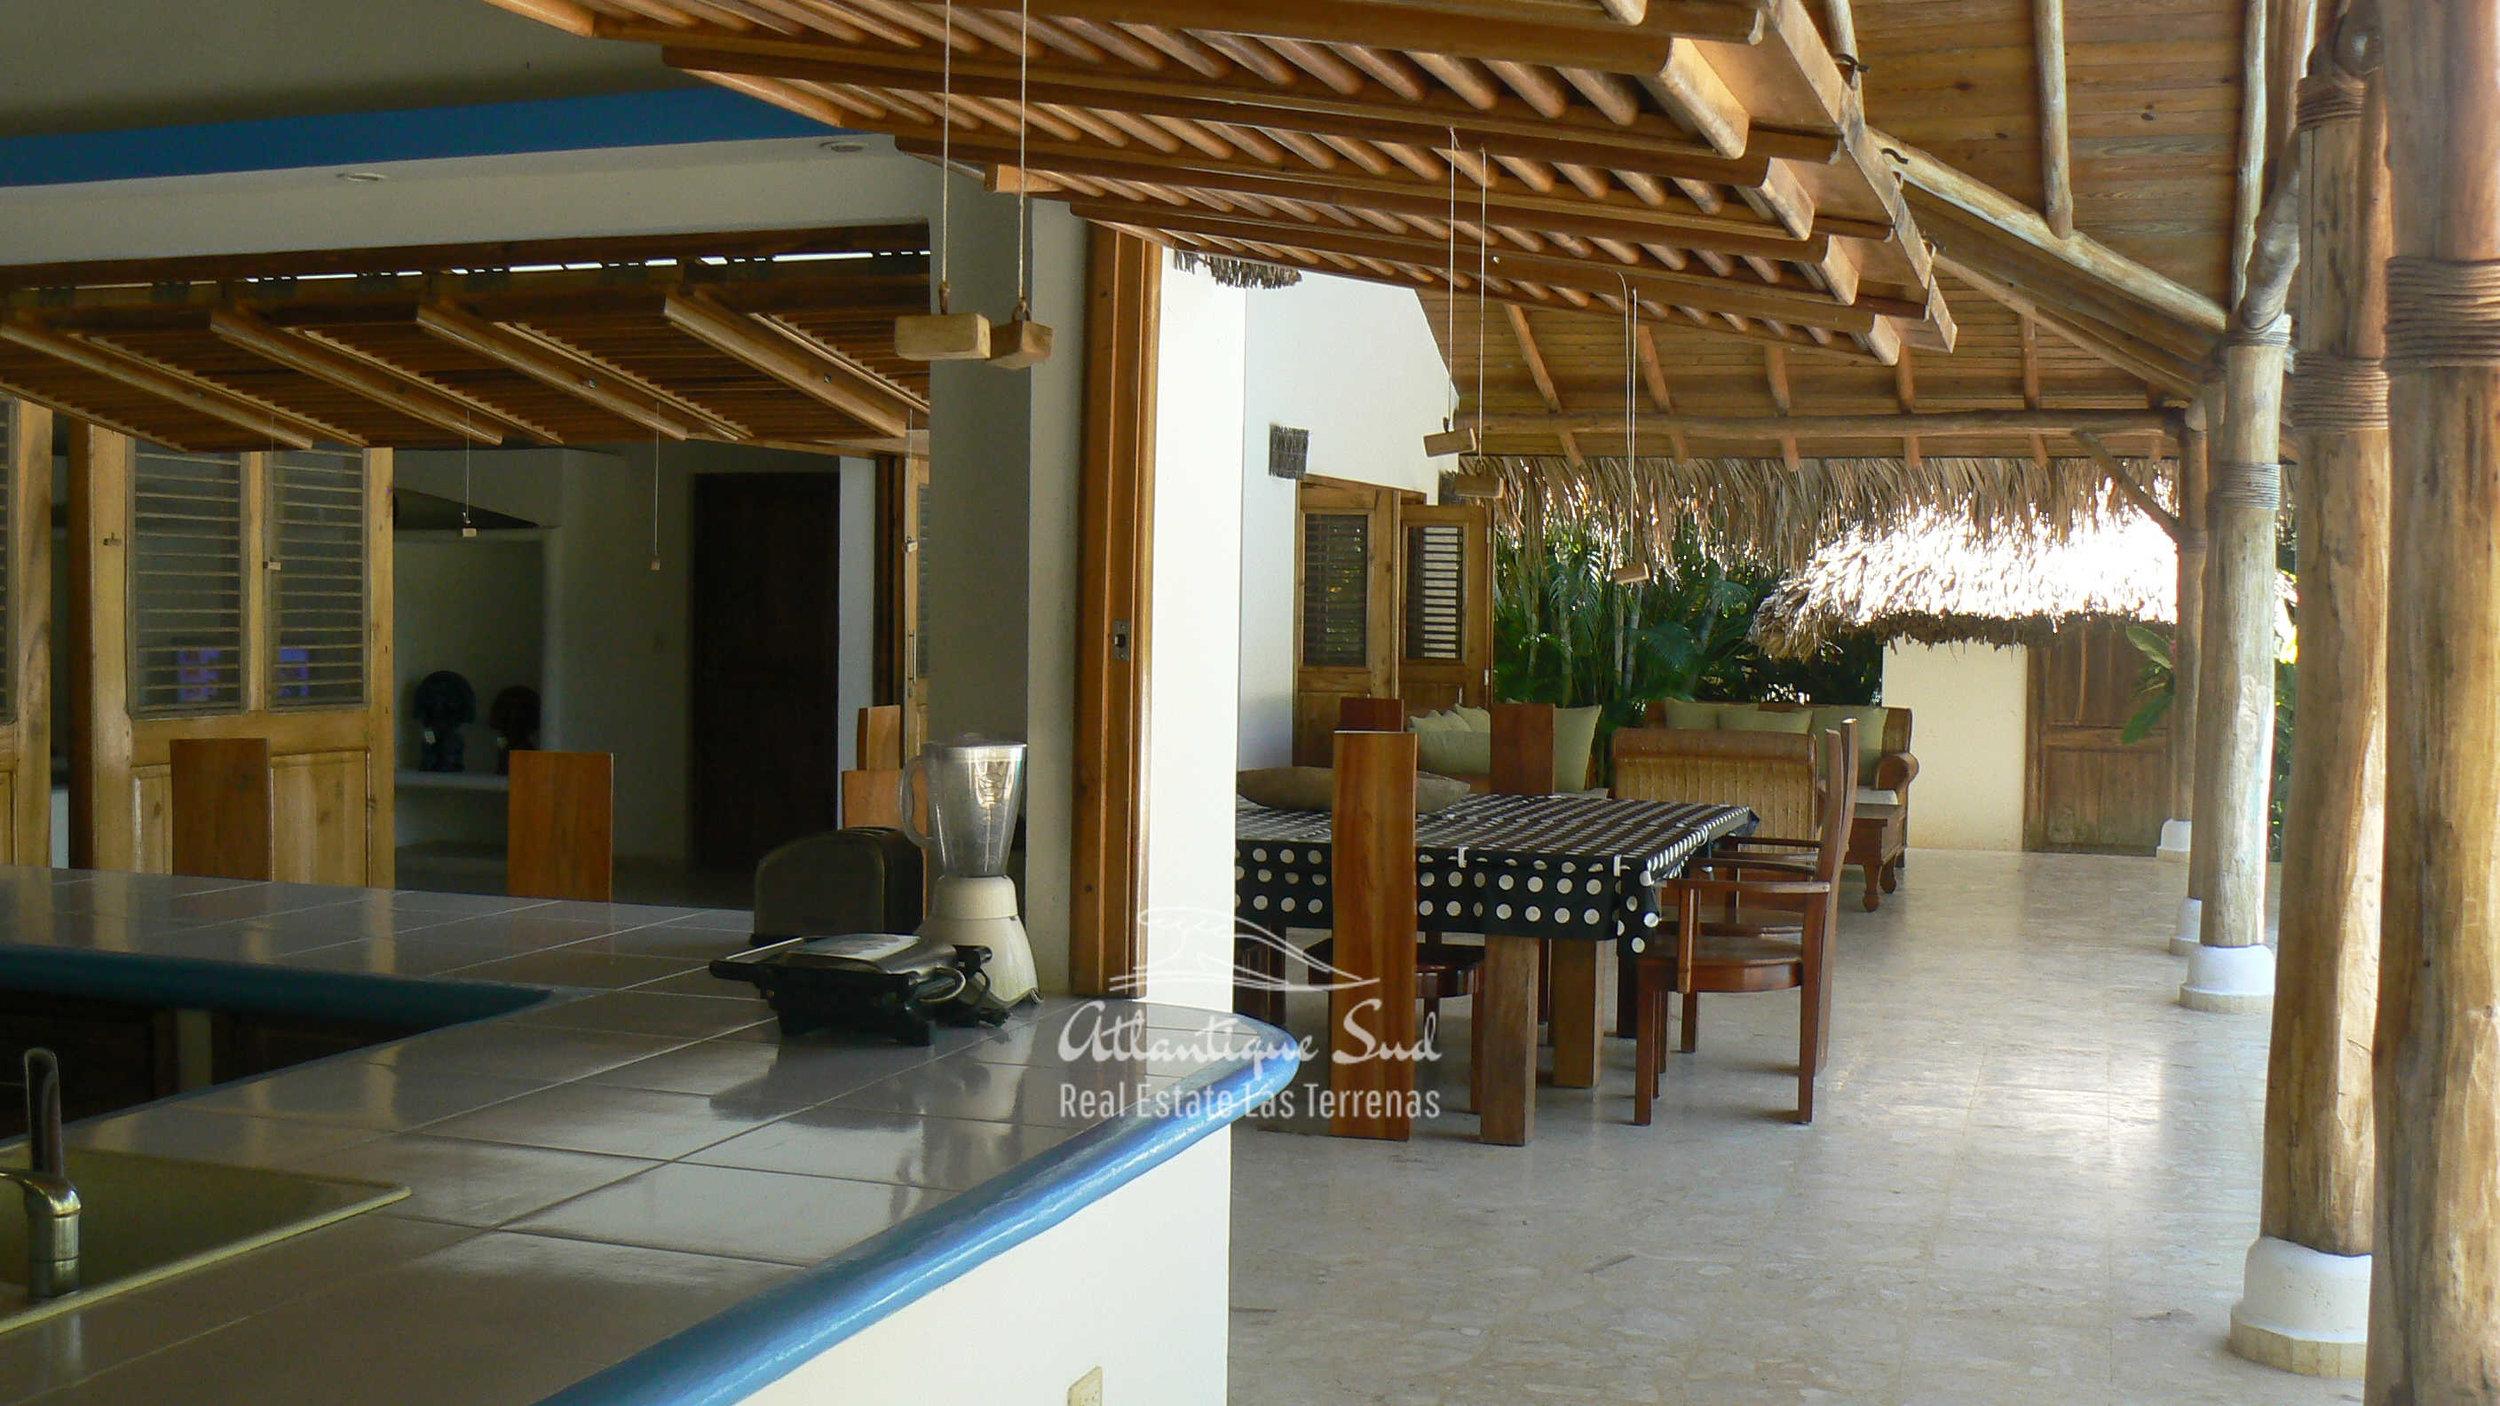 Villa in los nomadas for sale Las Terrenas DR 13.jpg